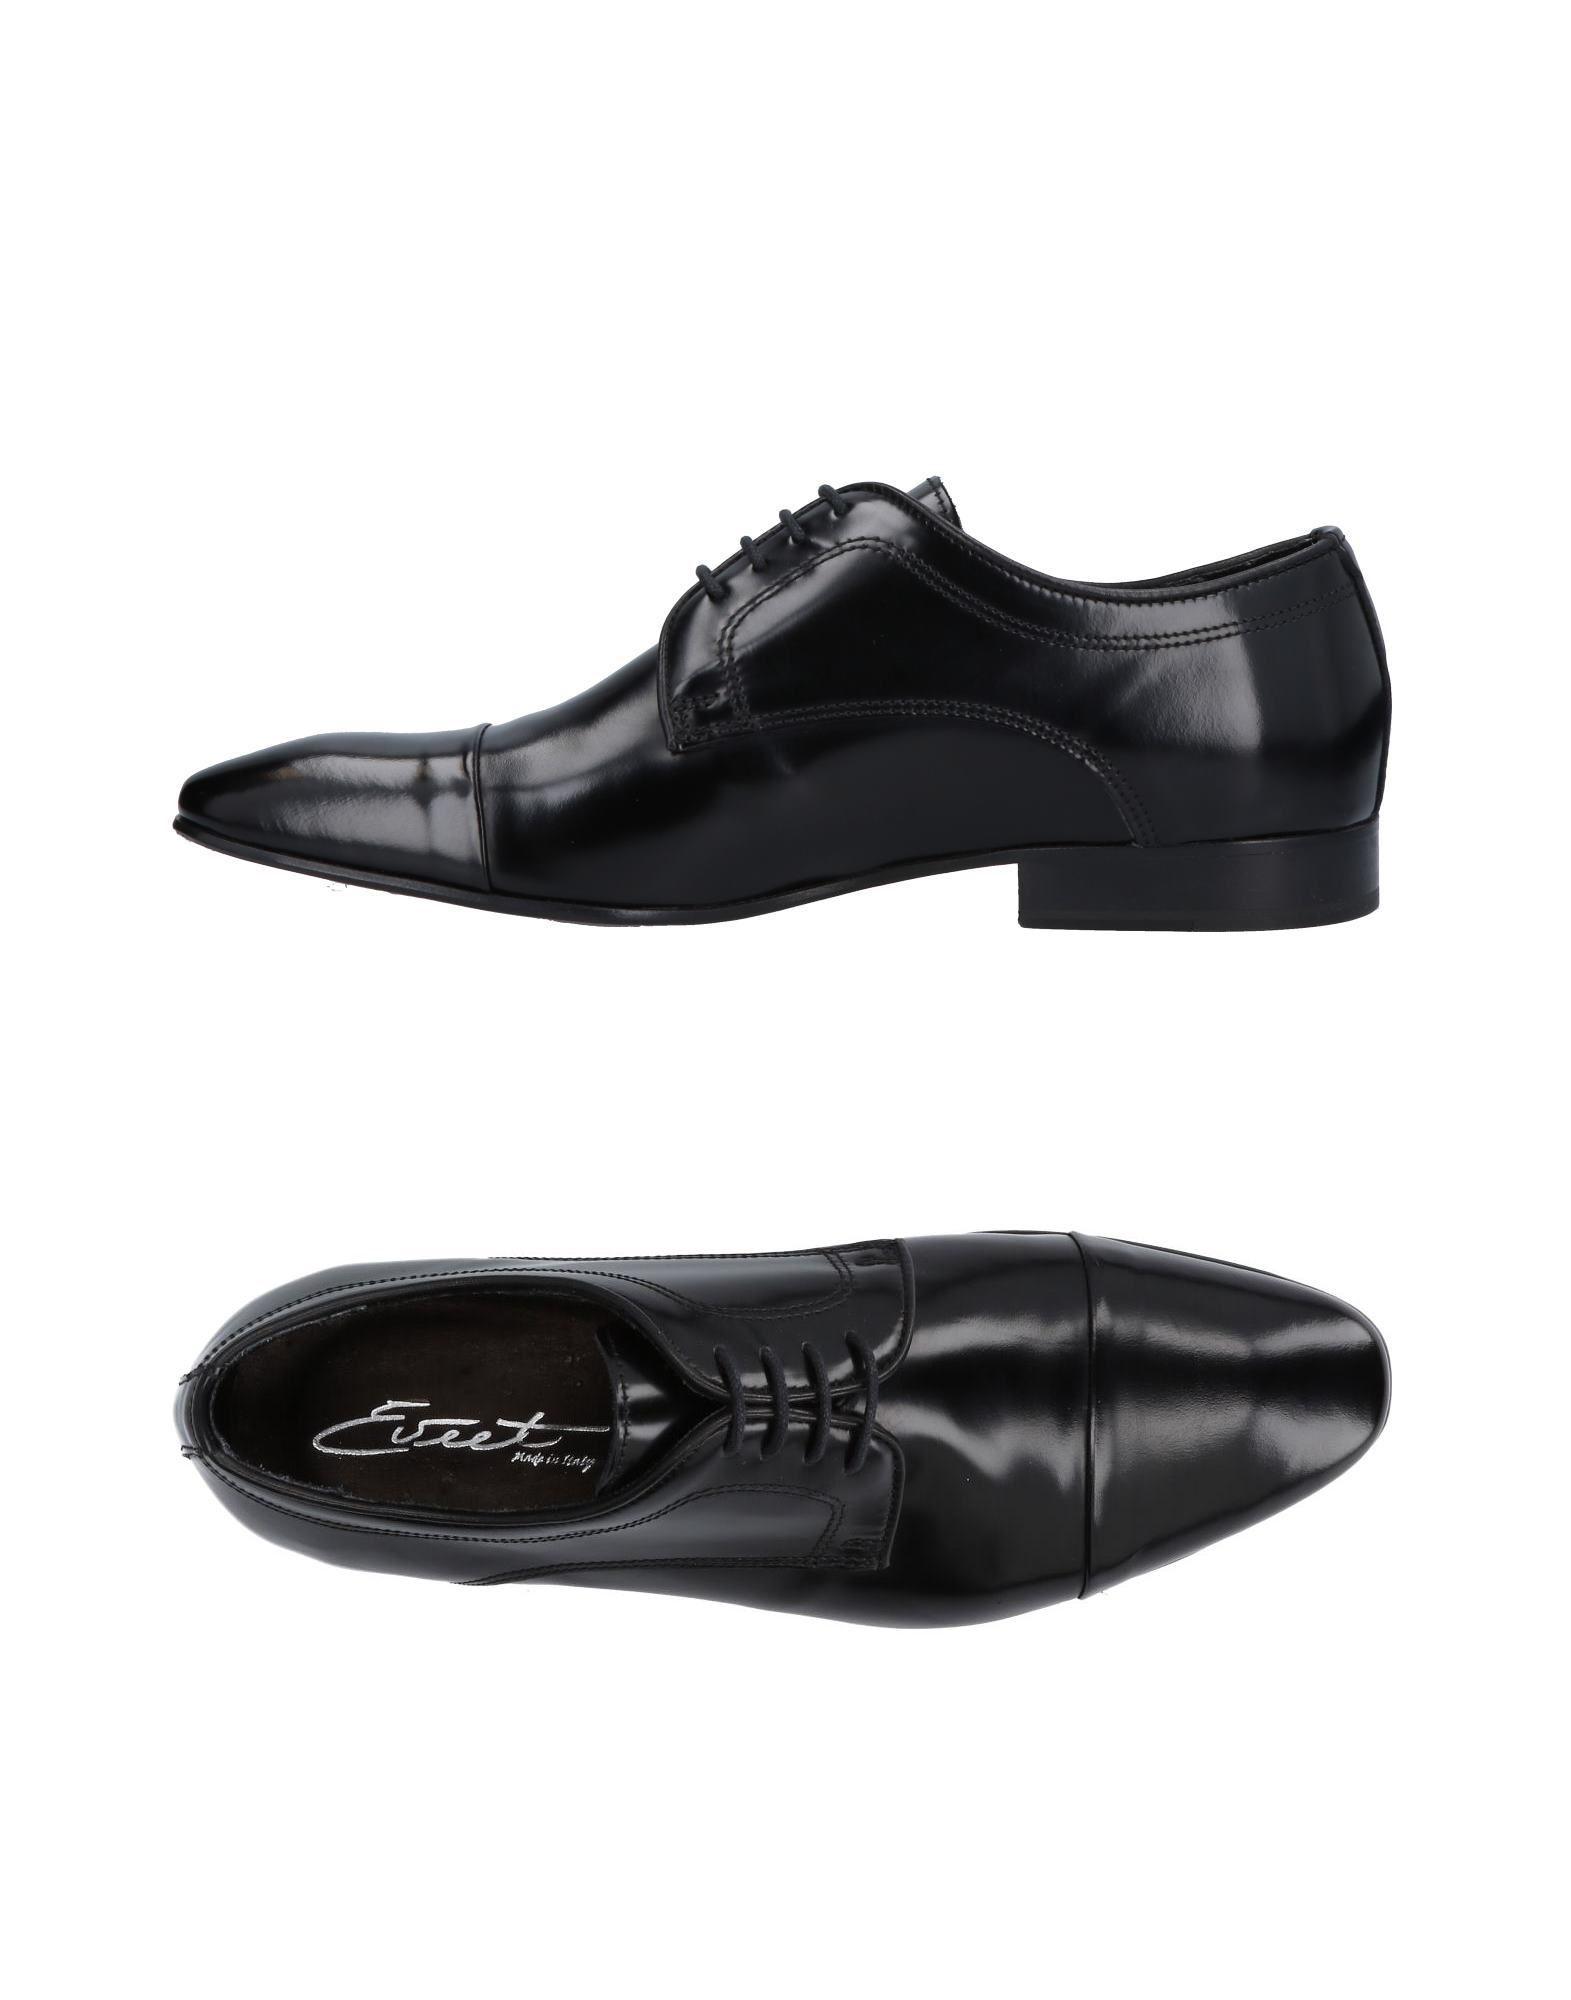 Rabatt echte  Schuhe Eveet Schnürschuhe Herren  echte 11468342DQ 81576d